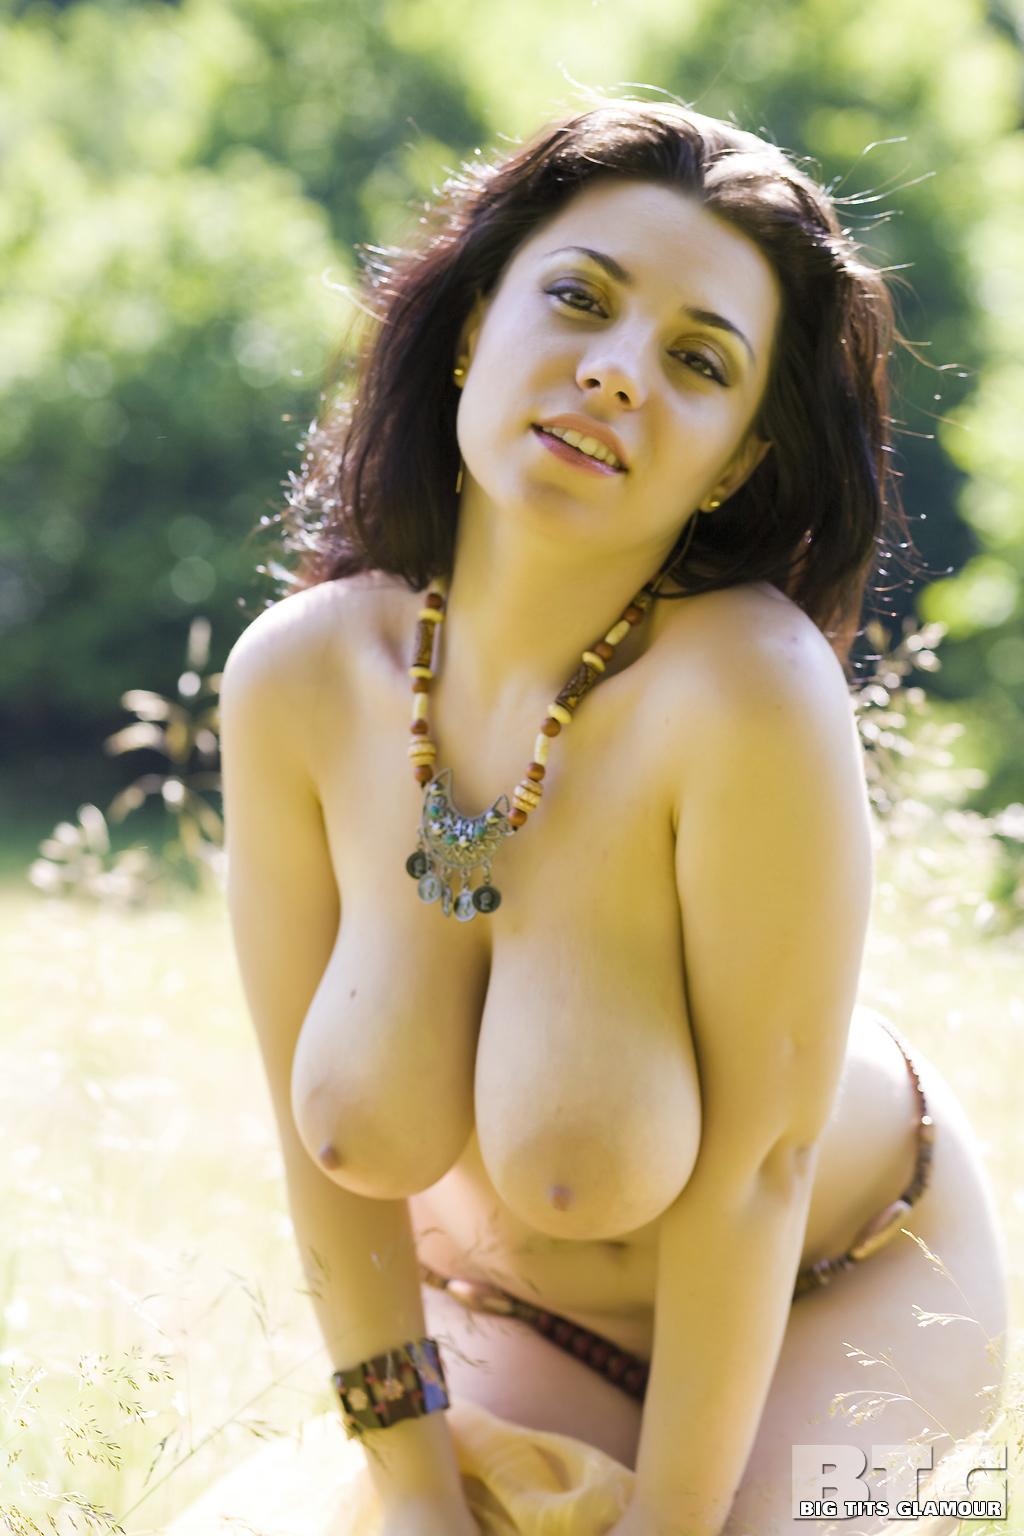 Women large naked tits